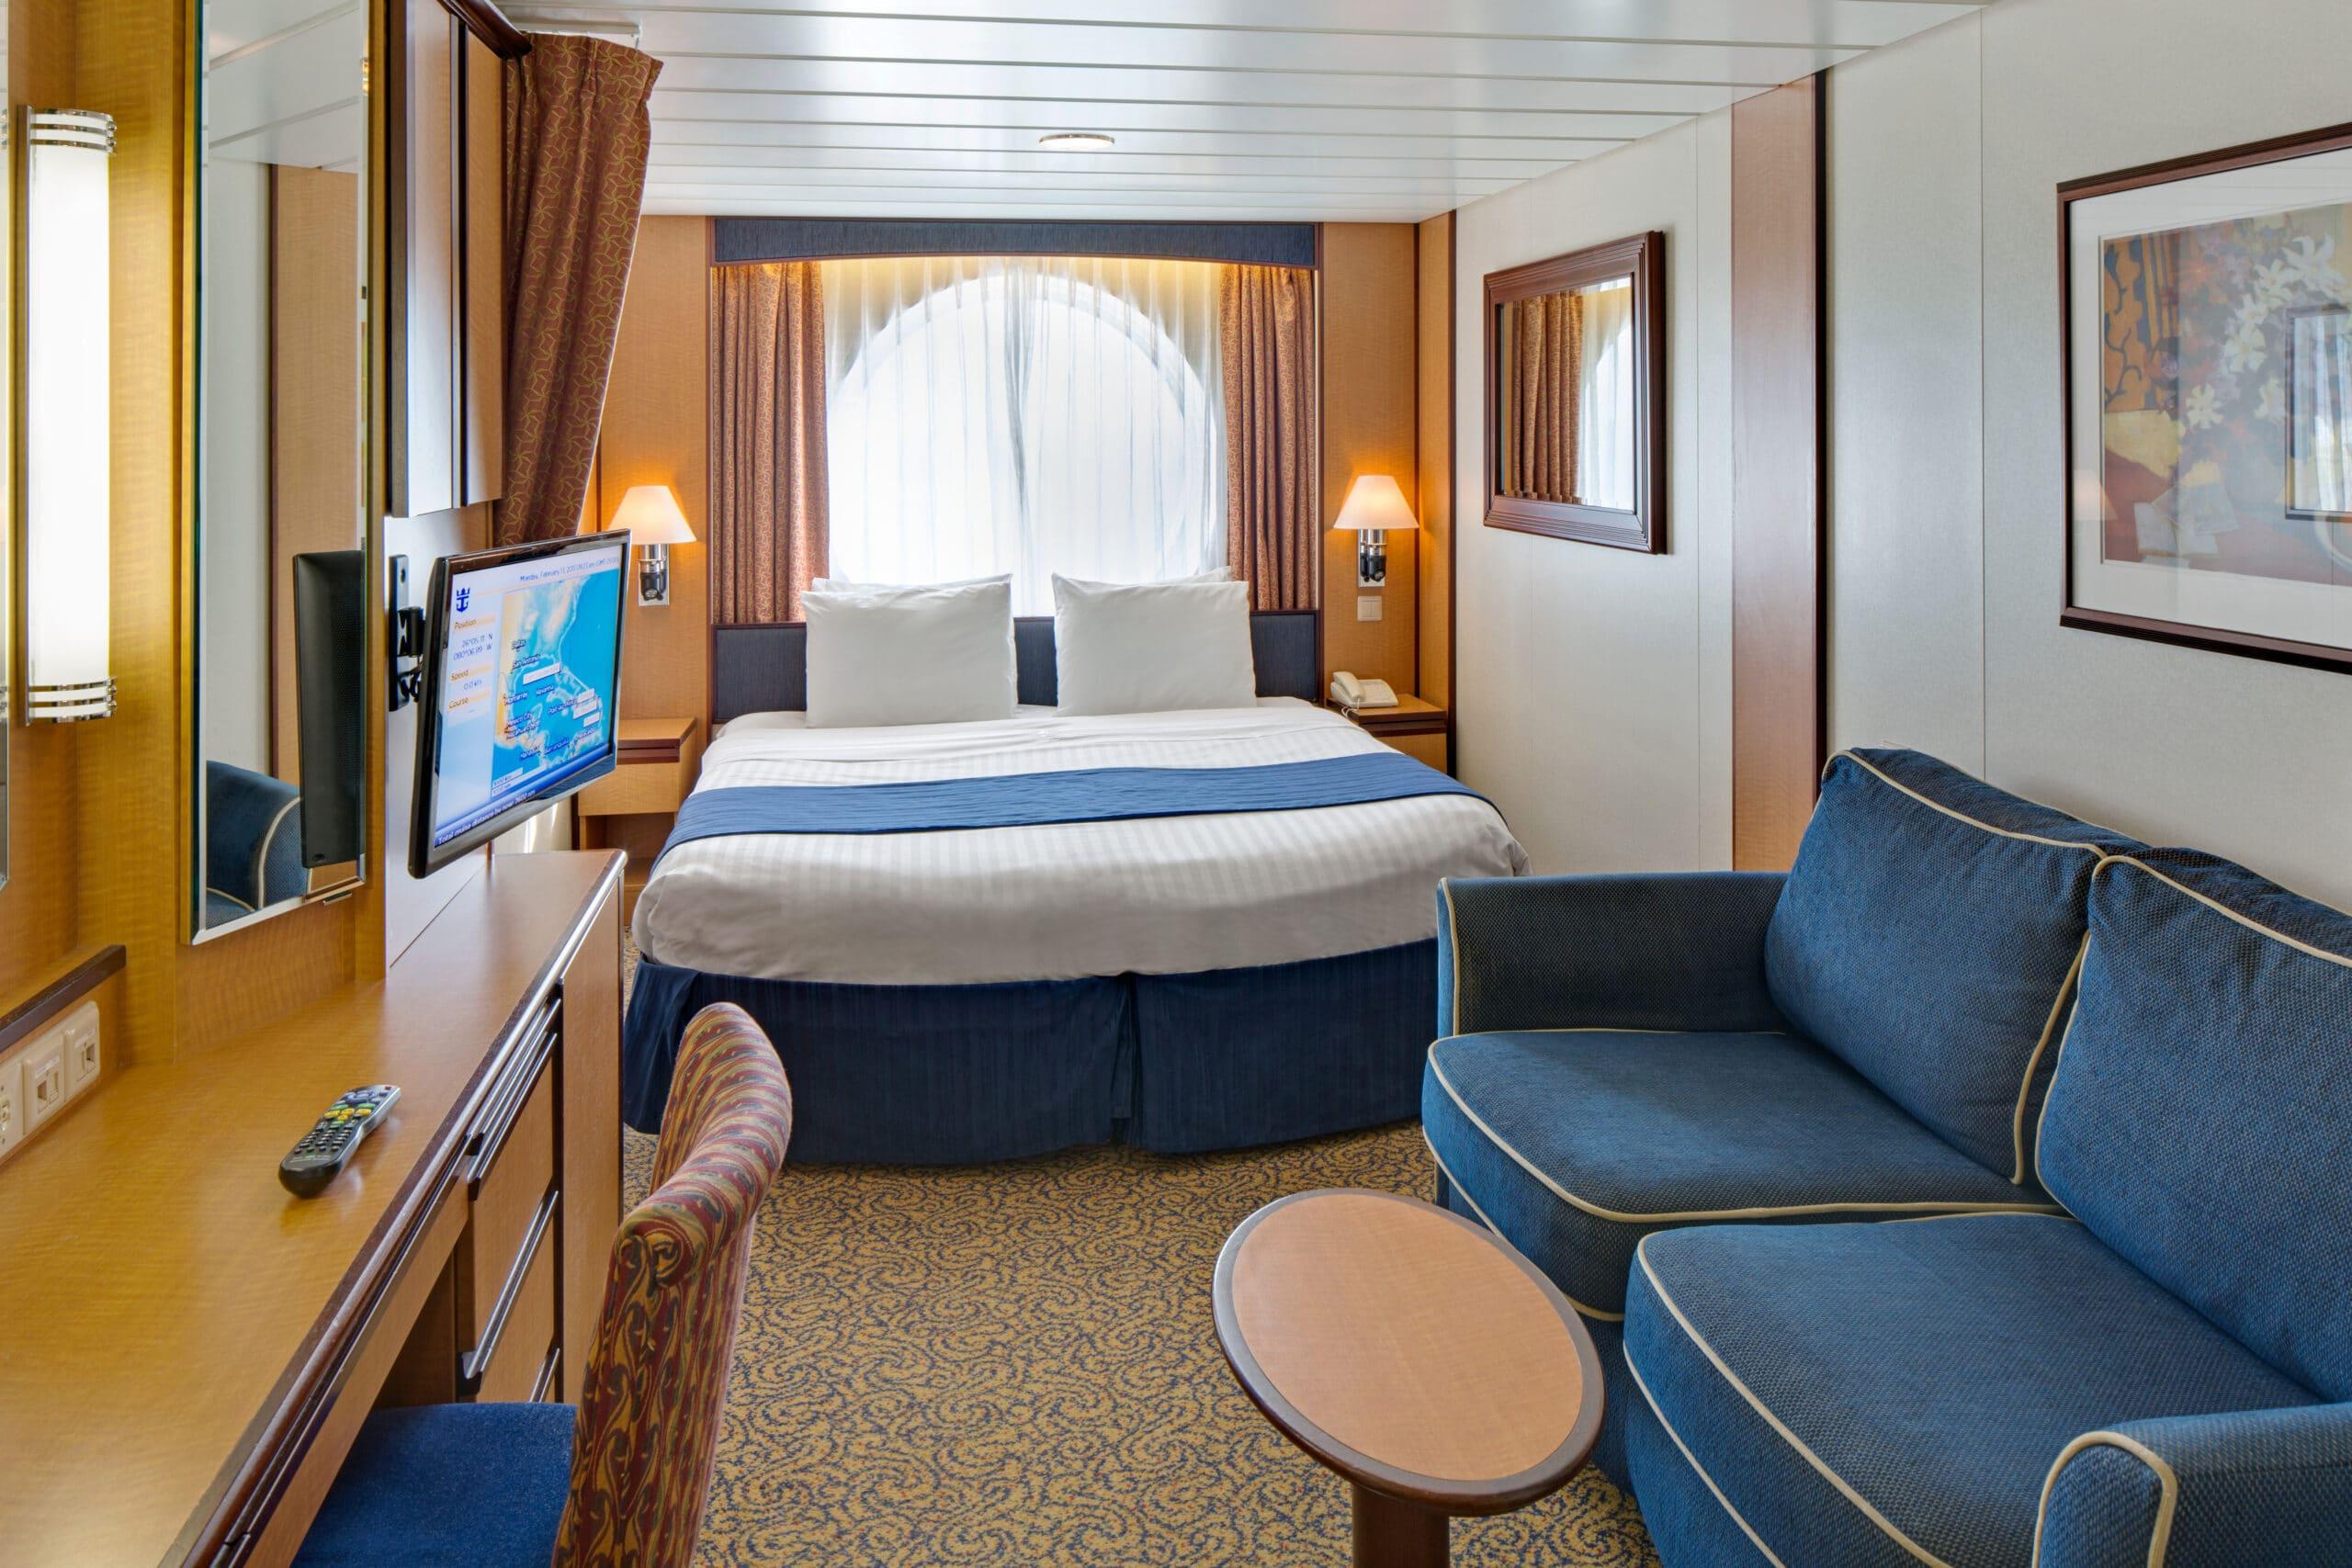 Royal-Caribbean-International-Serenade-of-the-Seas-schip-cruiseschip-categorie-1N-2N-3N-8N-buitenhut